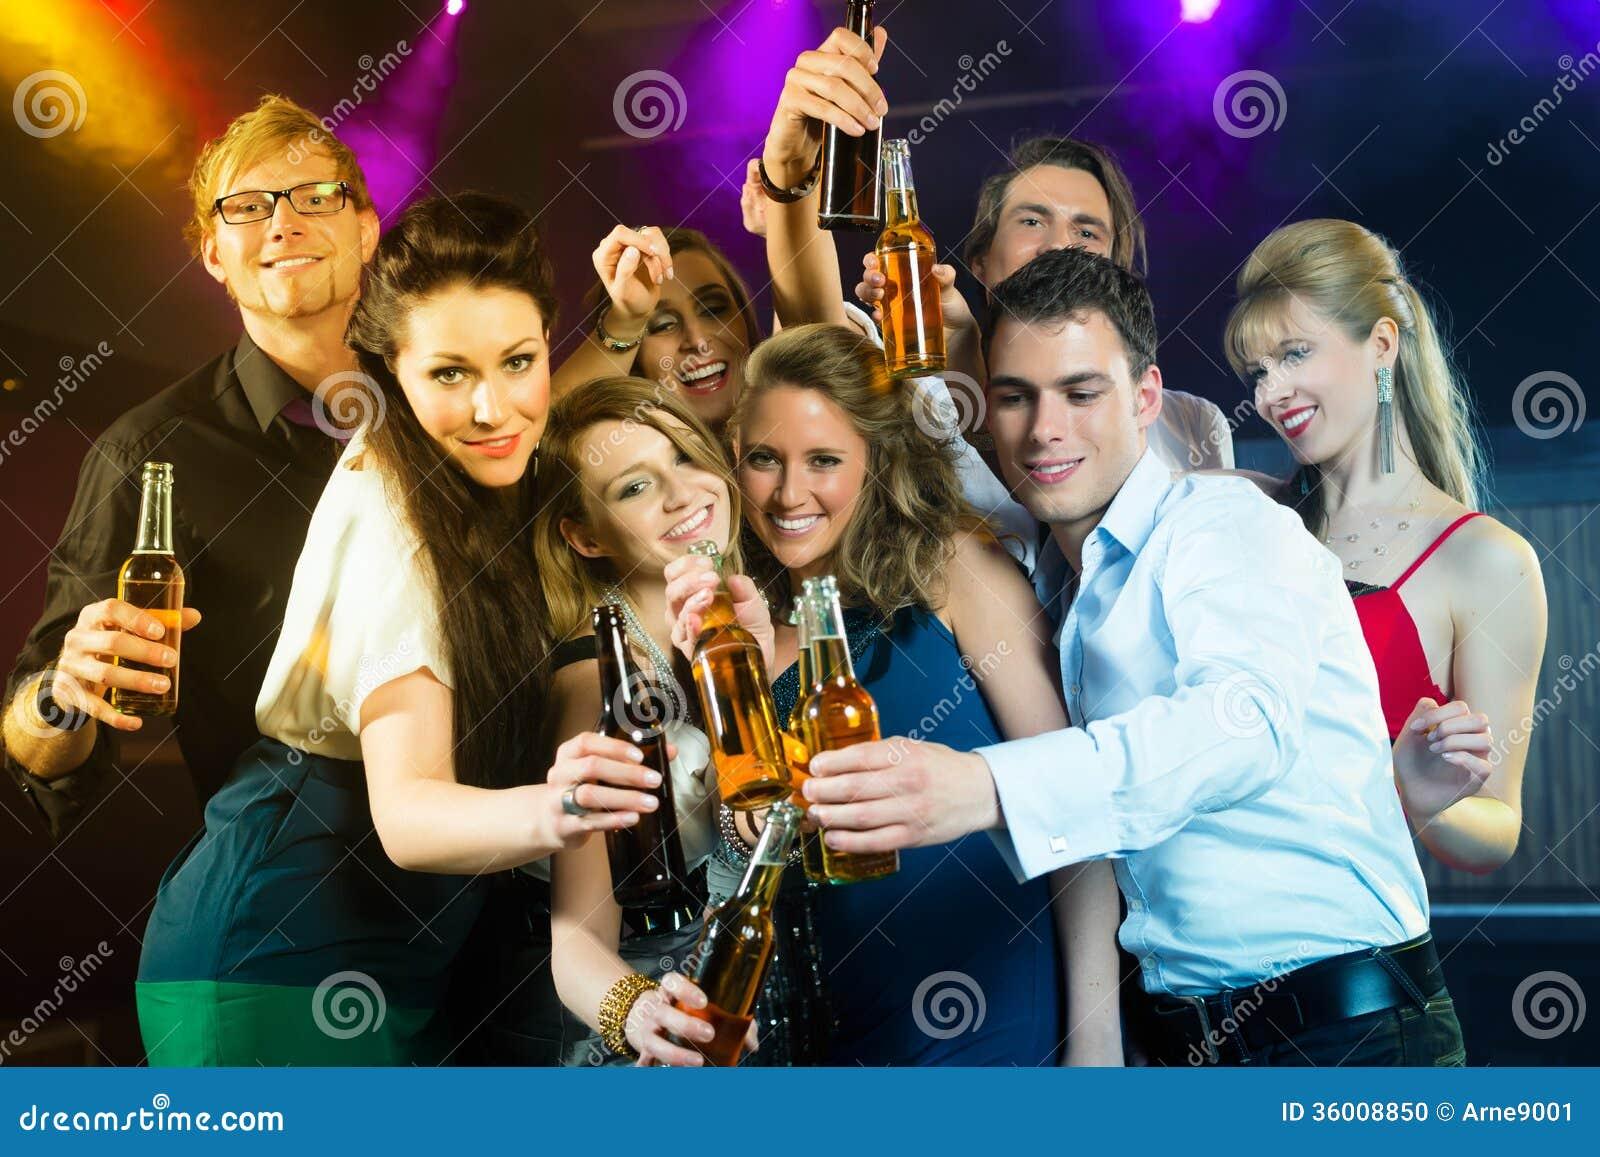 Meet people through music